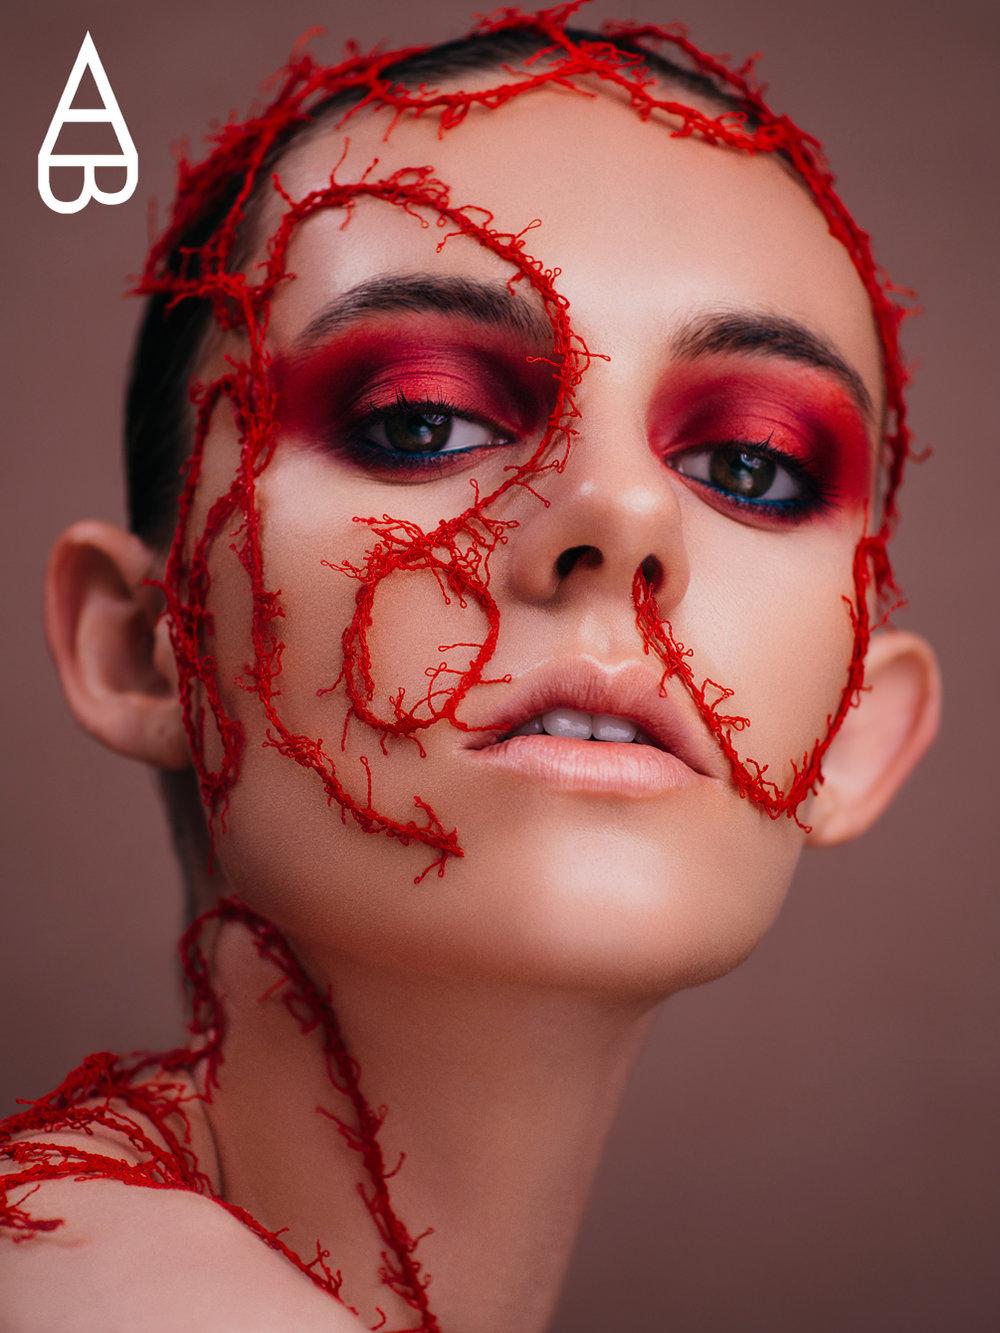 PHOTOGRAPHED BY SAMUEL DORADO